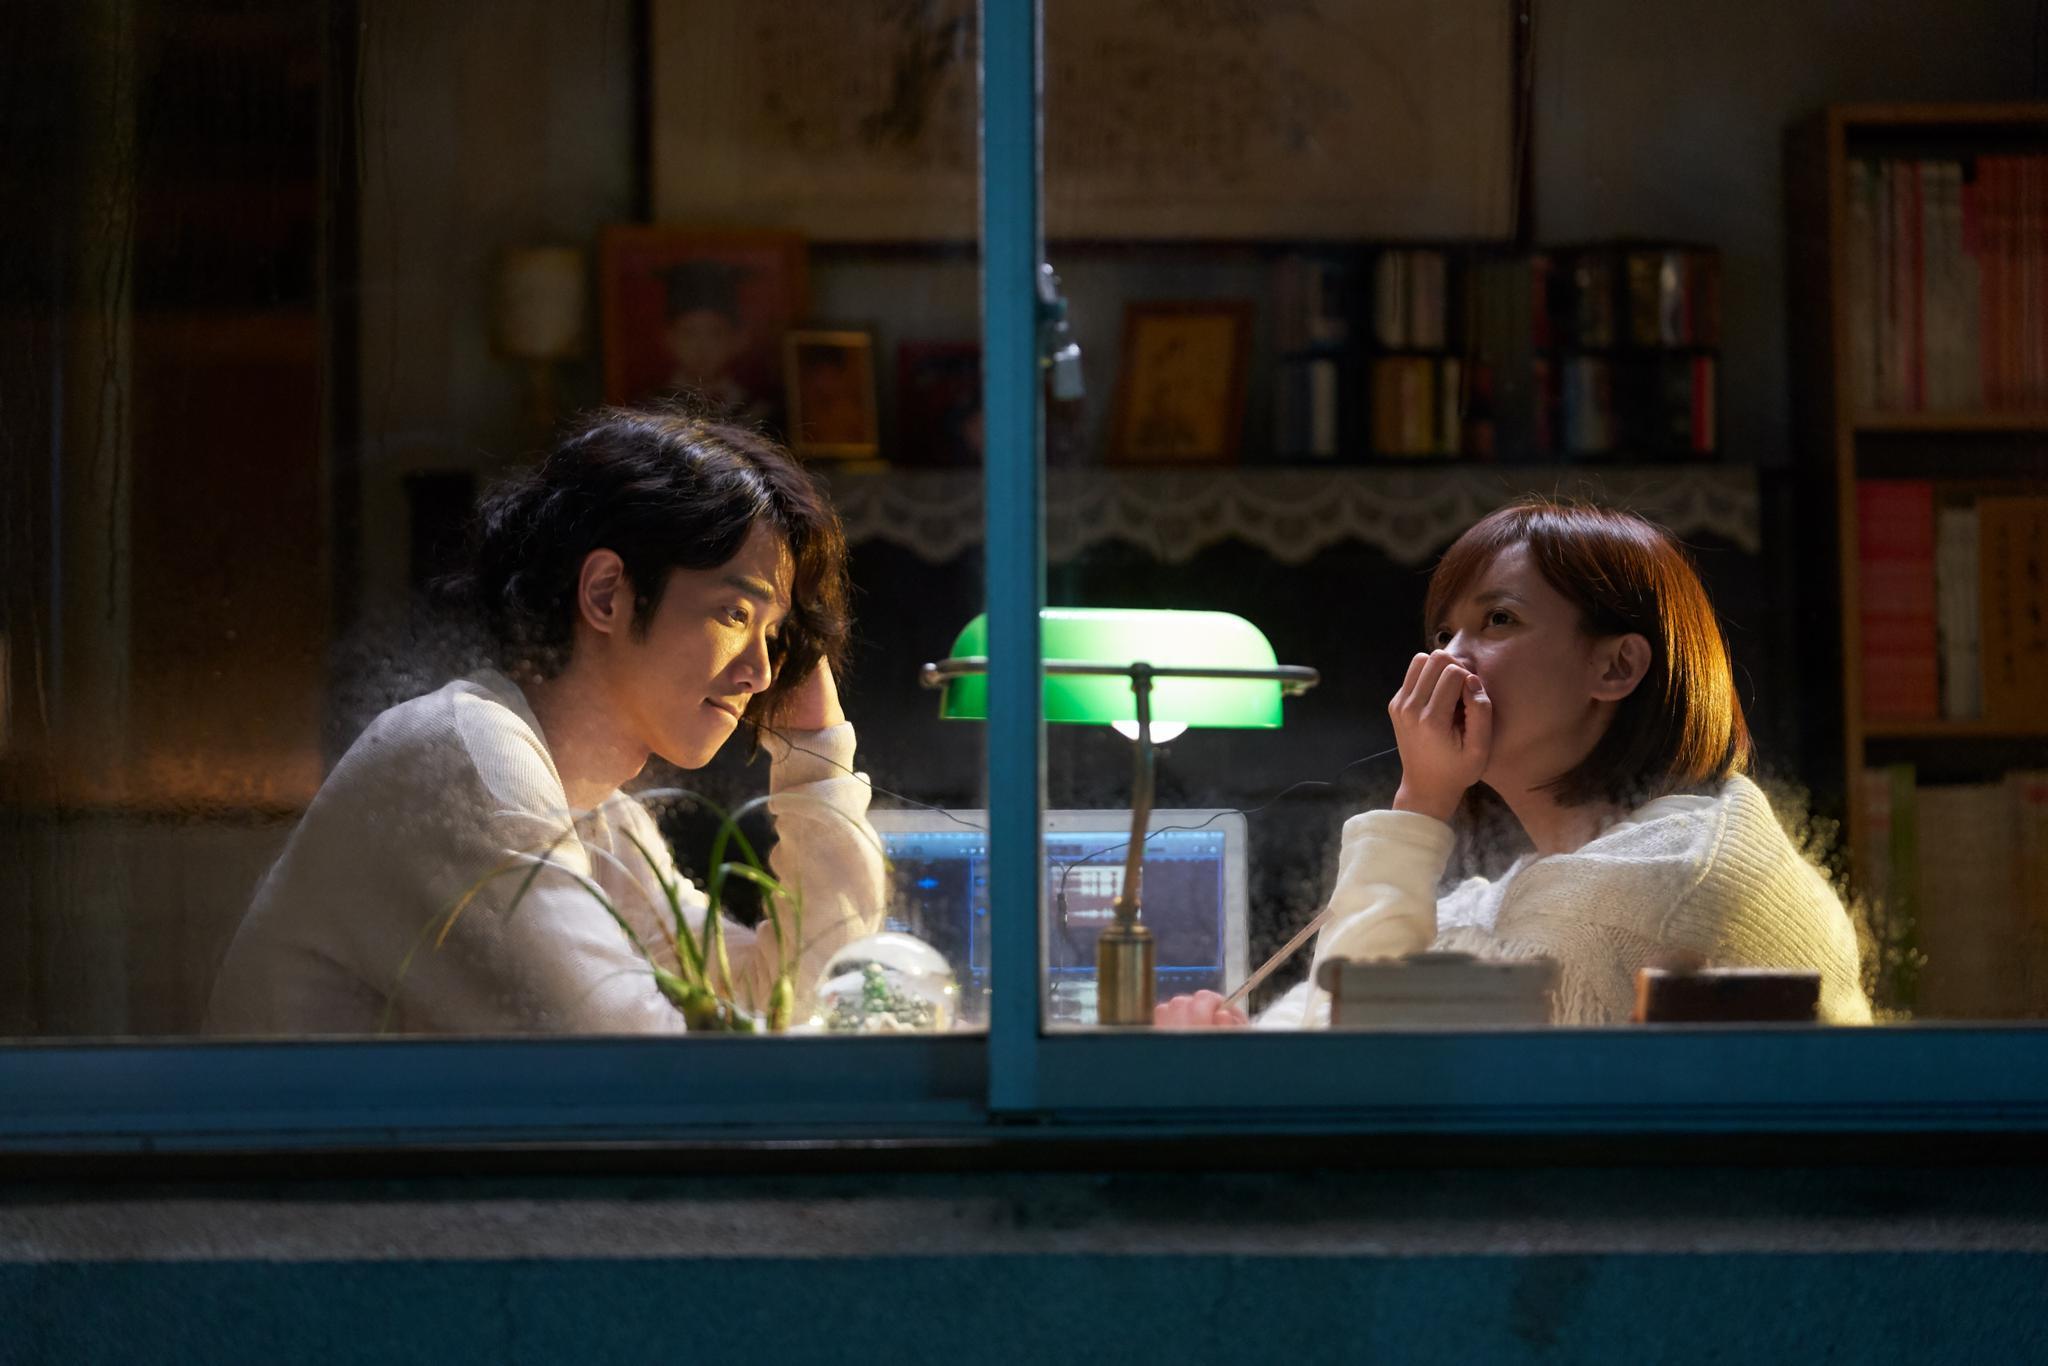 2018台湾最卖座电影将引进,陈意涵主演